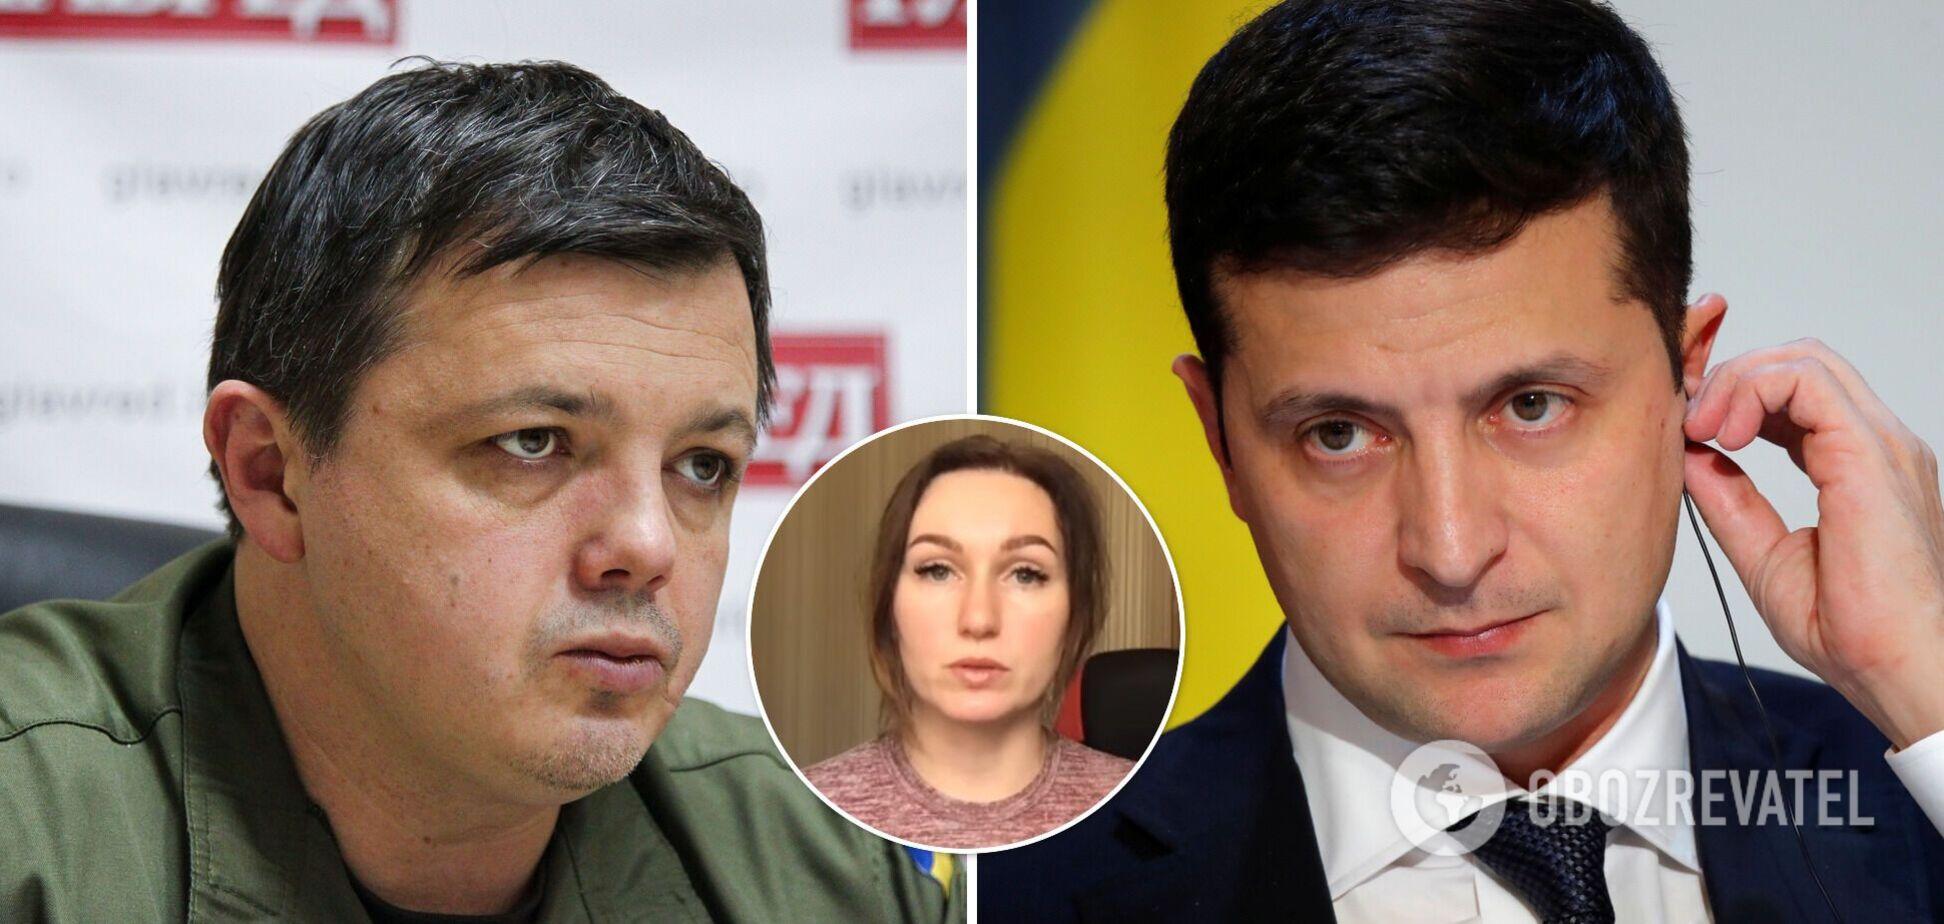 Дружина заарештованого Семенченка звернулася до Зеленського з проханням. Відео